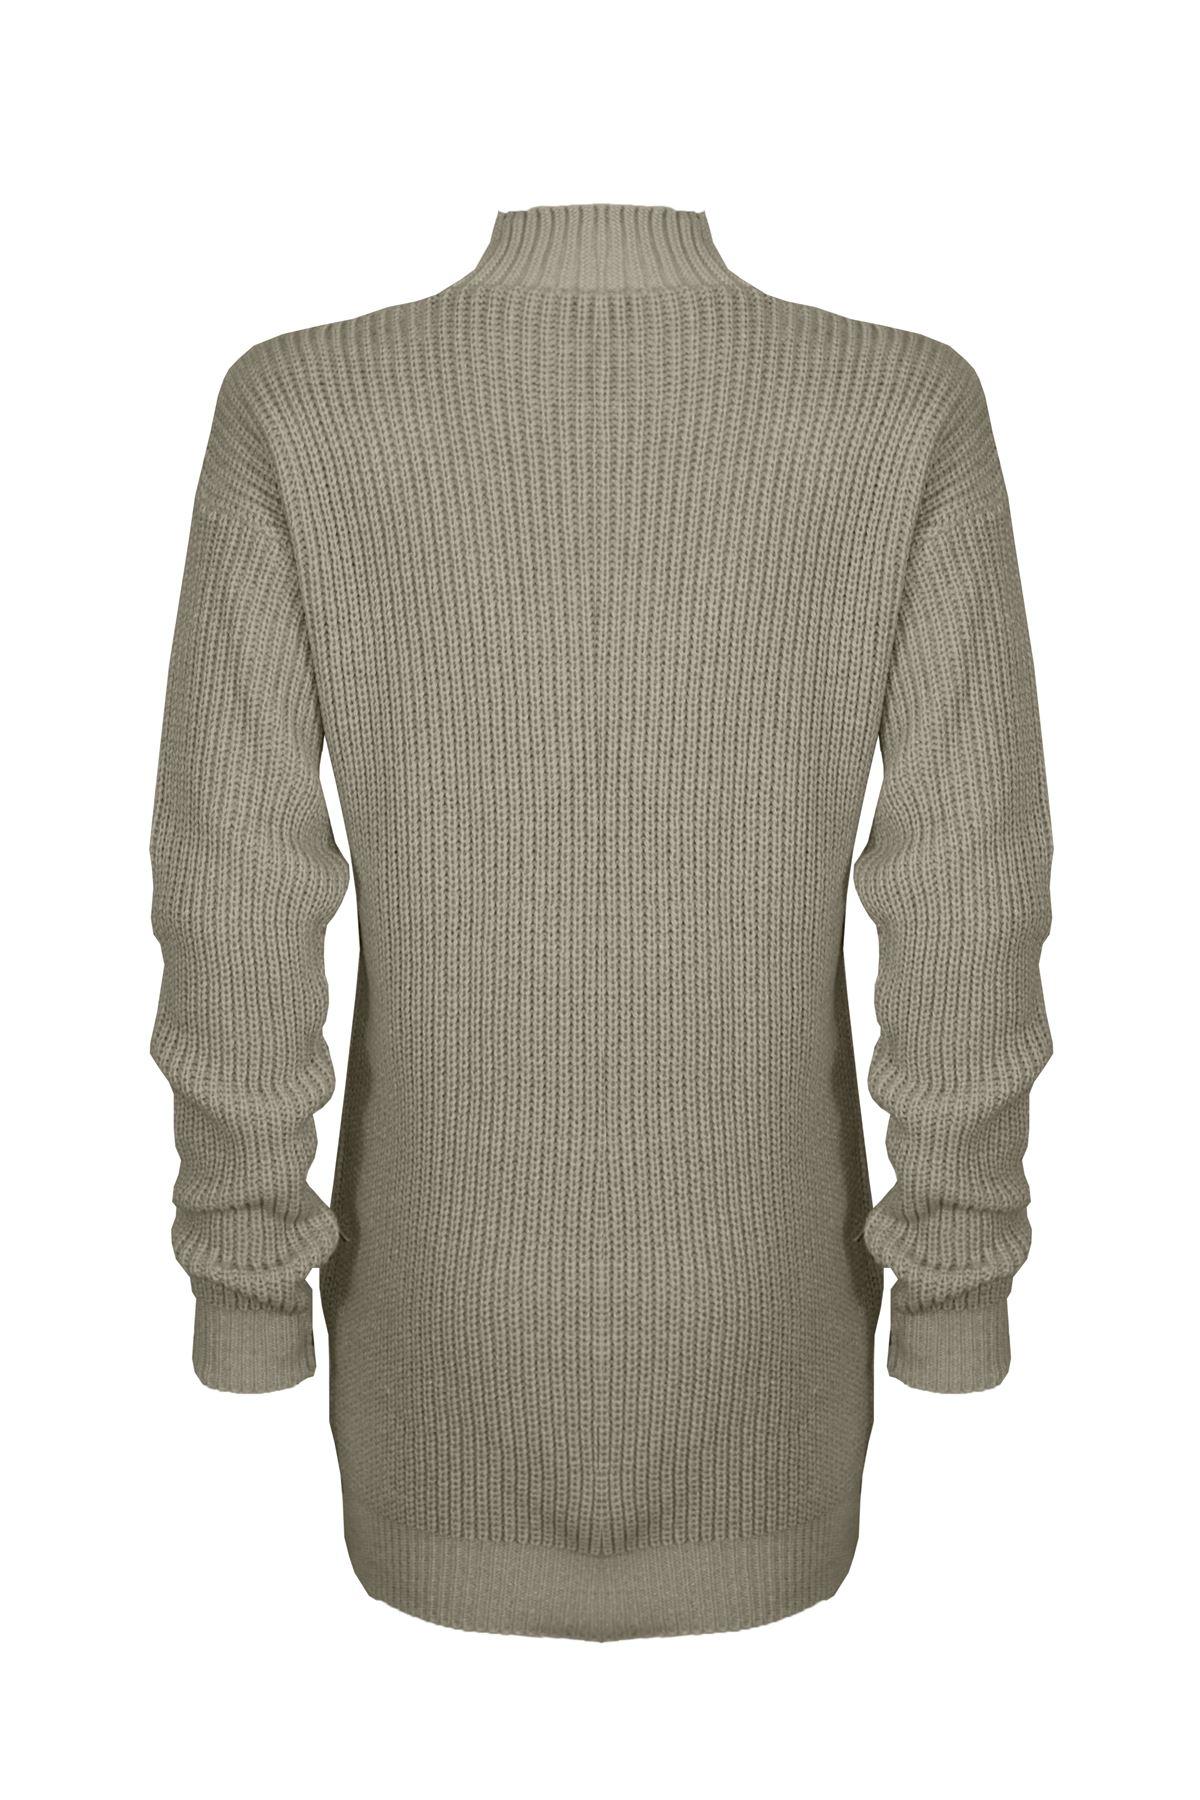 Le-donne-Donna-A-Maglia-Girocollo-Maglione-a-trama-grossa-Collo-Top-Baggy-Over-dimensionati-sweater miniatura 9